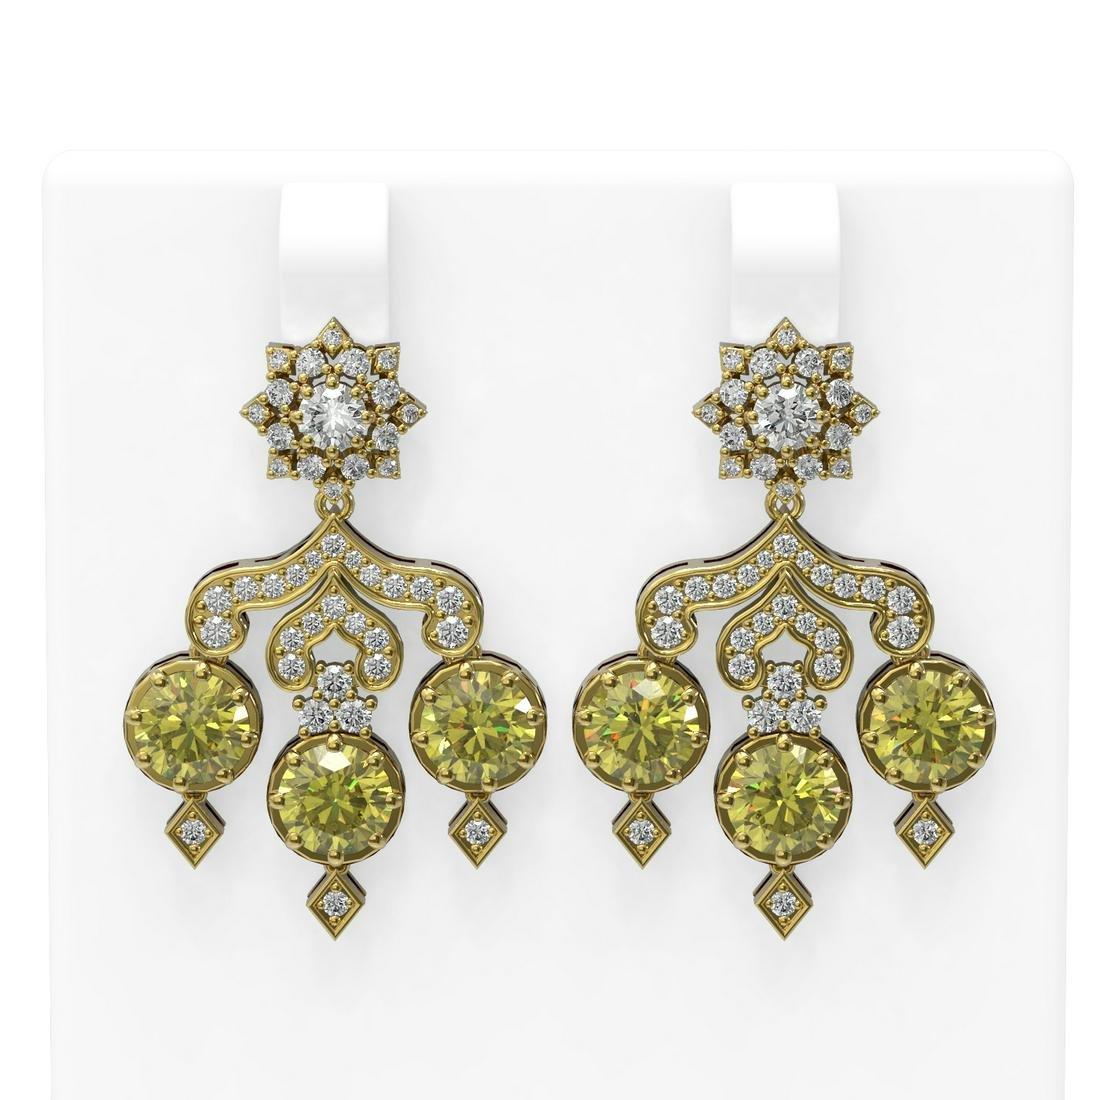 6.3 ctw Fancy Yellow Diamond Earrings 18K Yellow Gold -